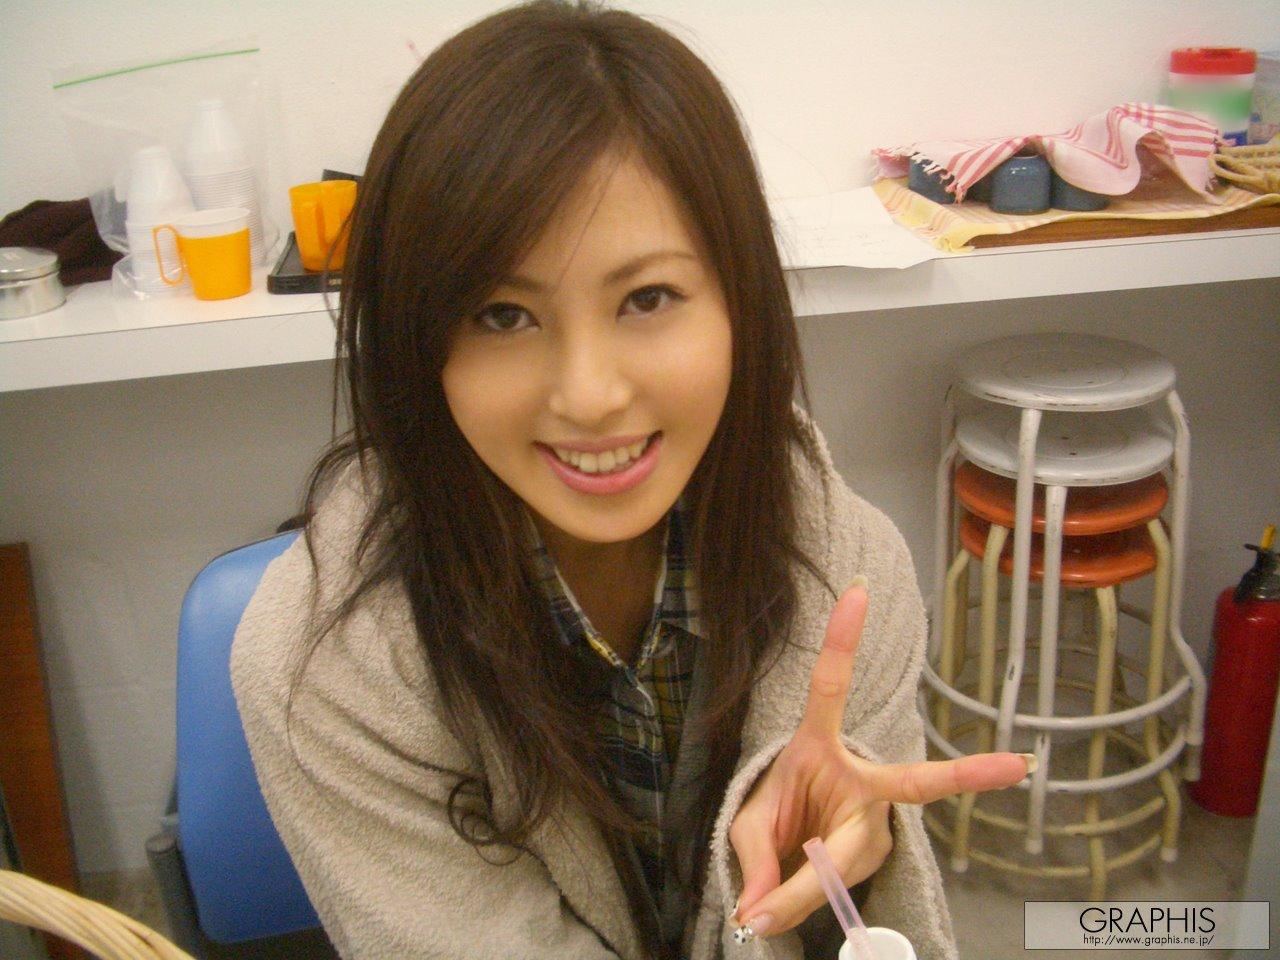 Rie Sakura Is A Japanese Av Idol Born In Tokyo On 8 4 Of